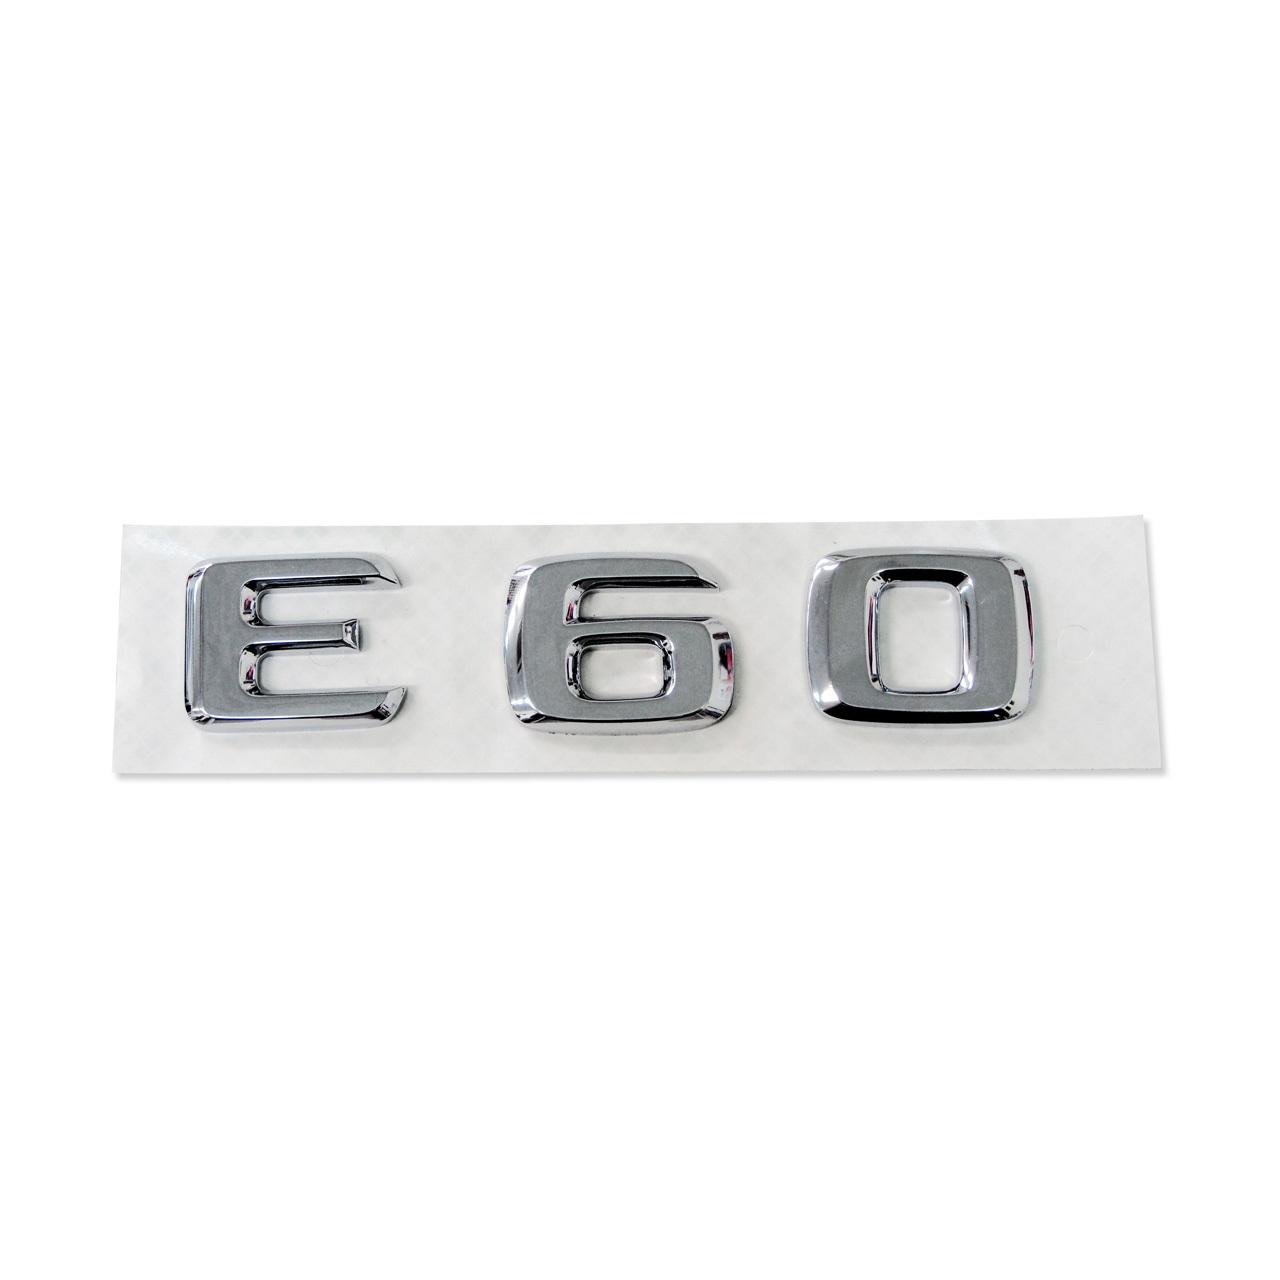 E60 リアエンブレム /トランクエンブレム